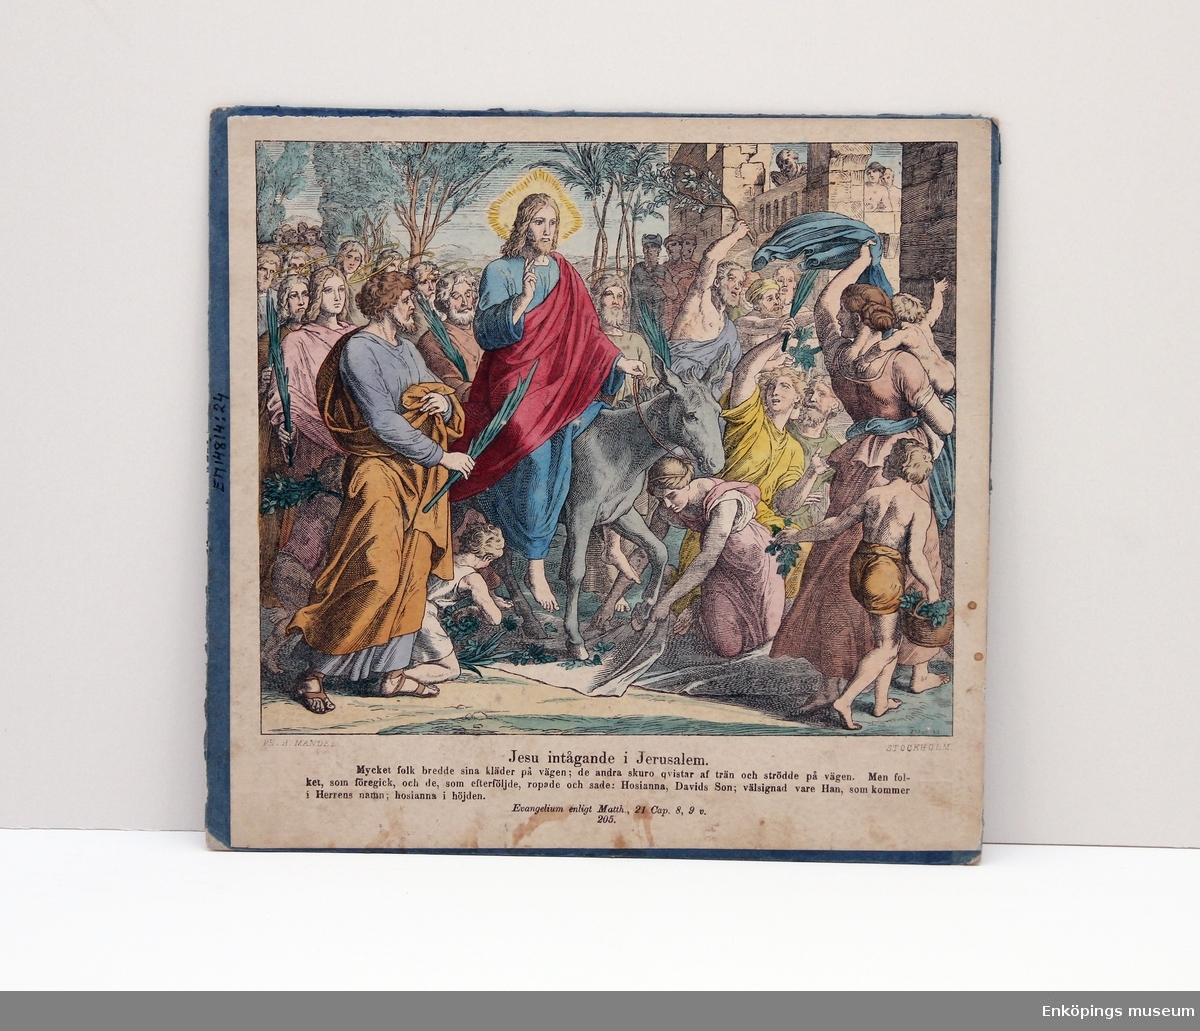 """Skolplansch i ämnet religion. Skolplanschen har bild på båda sidorna. Sida 1: """"Jesu intågande i Jerusalem"""". Sida 2: """"Fotatvagningen"""".  Skolplanscher användes i de flesta skolämnen under 1900-talet. År 1900 kom en ny läroplan (normalplan) där lektionerna skulle åskådliggöras för eleverna för att de skulle förstå bättre. Detta gjorde att räknestavar, skolplanscher, stora kartor och den svarta tavlan blev viktiga skolredskap."""